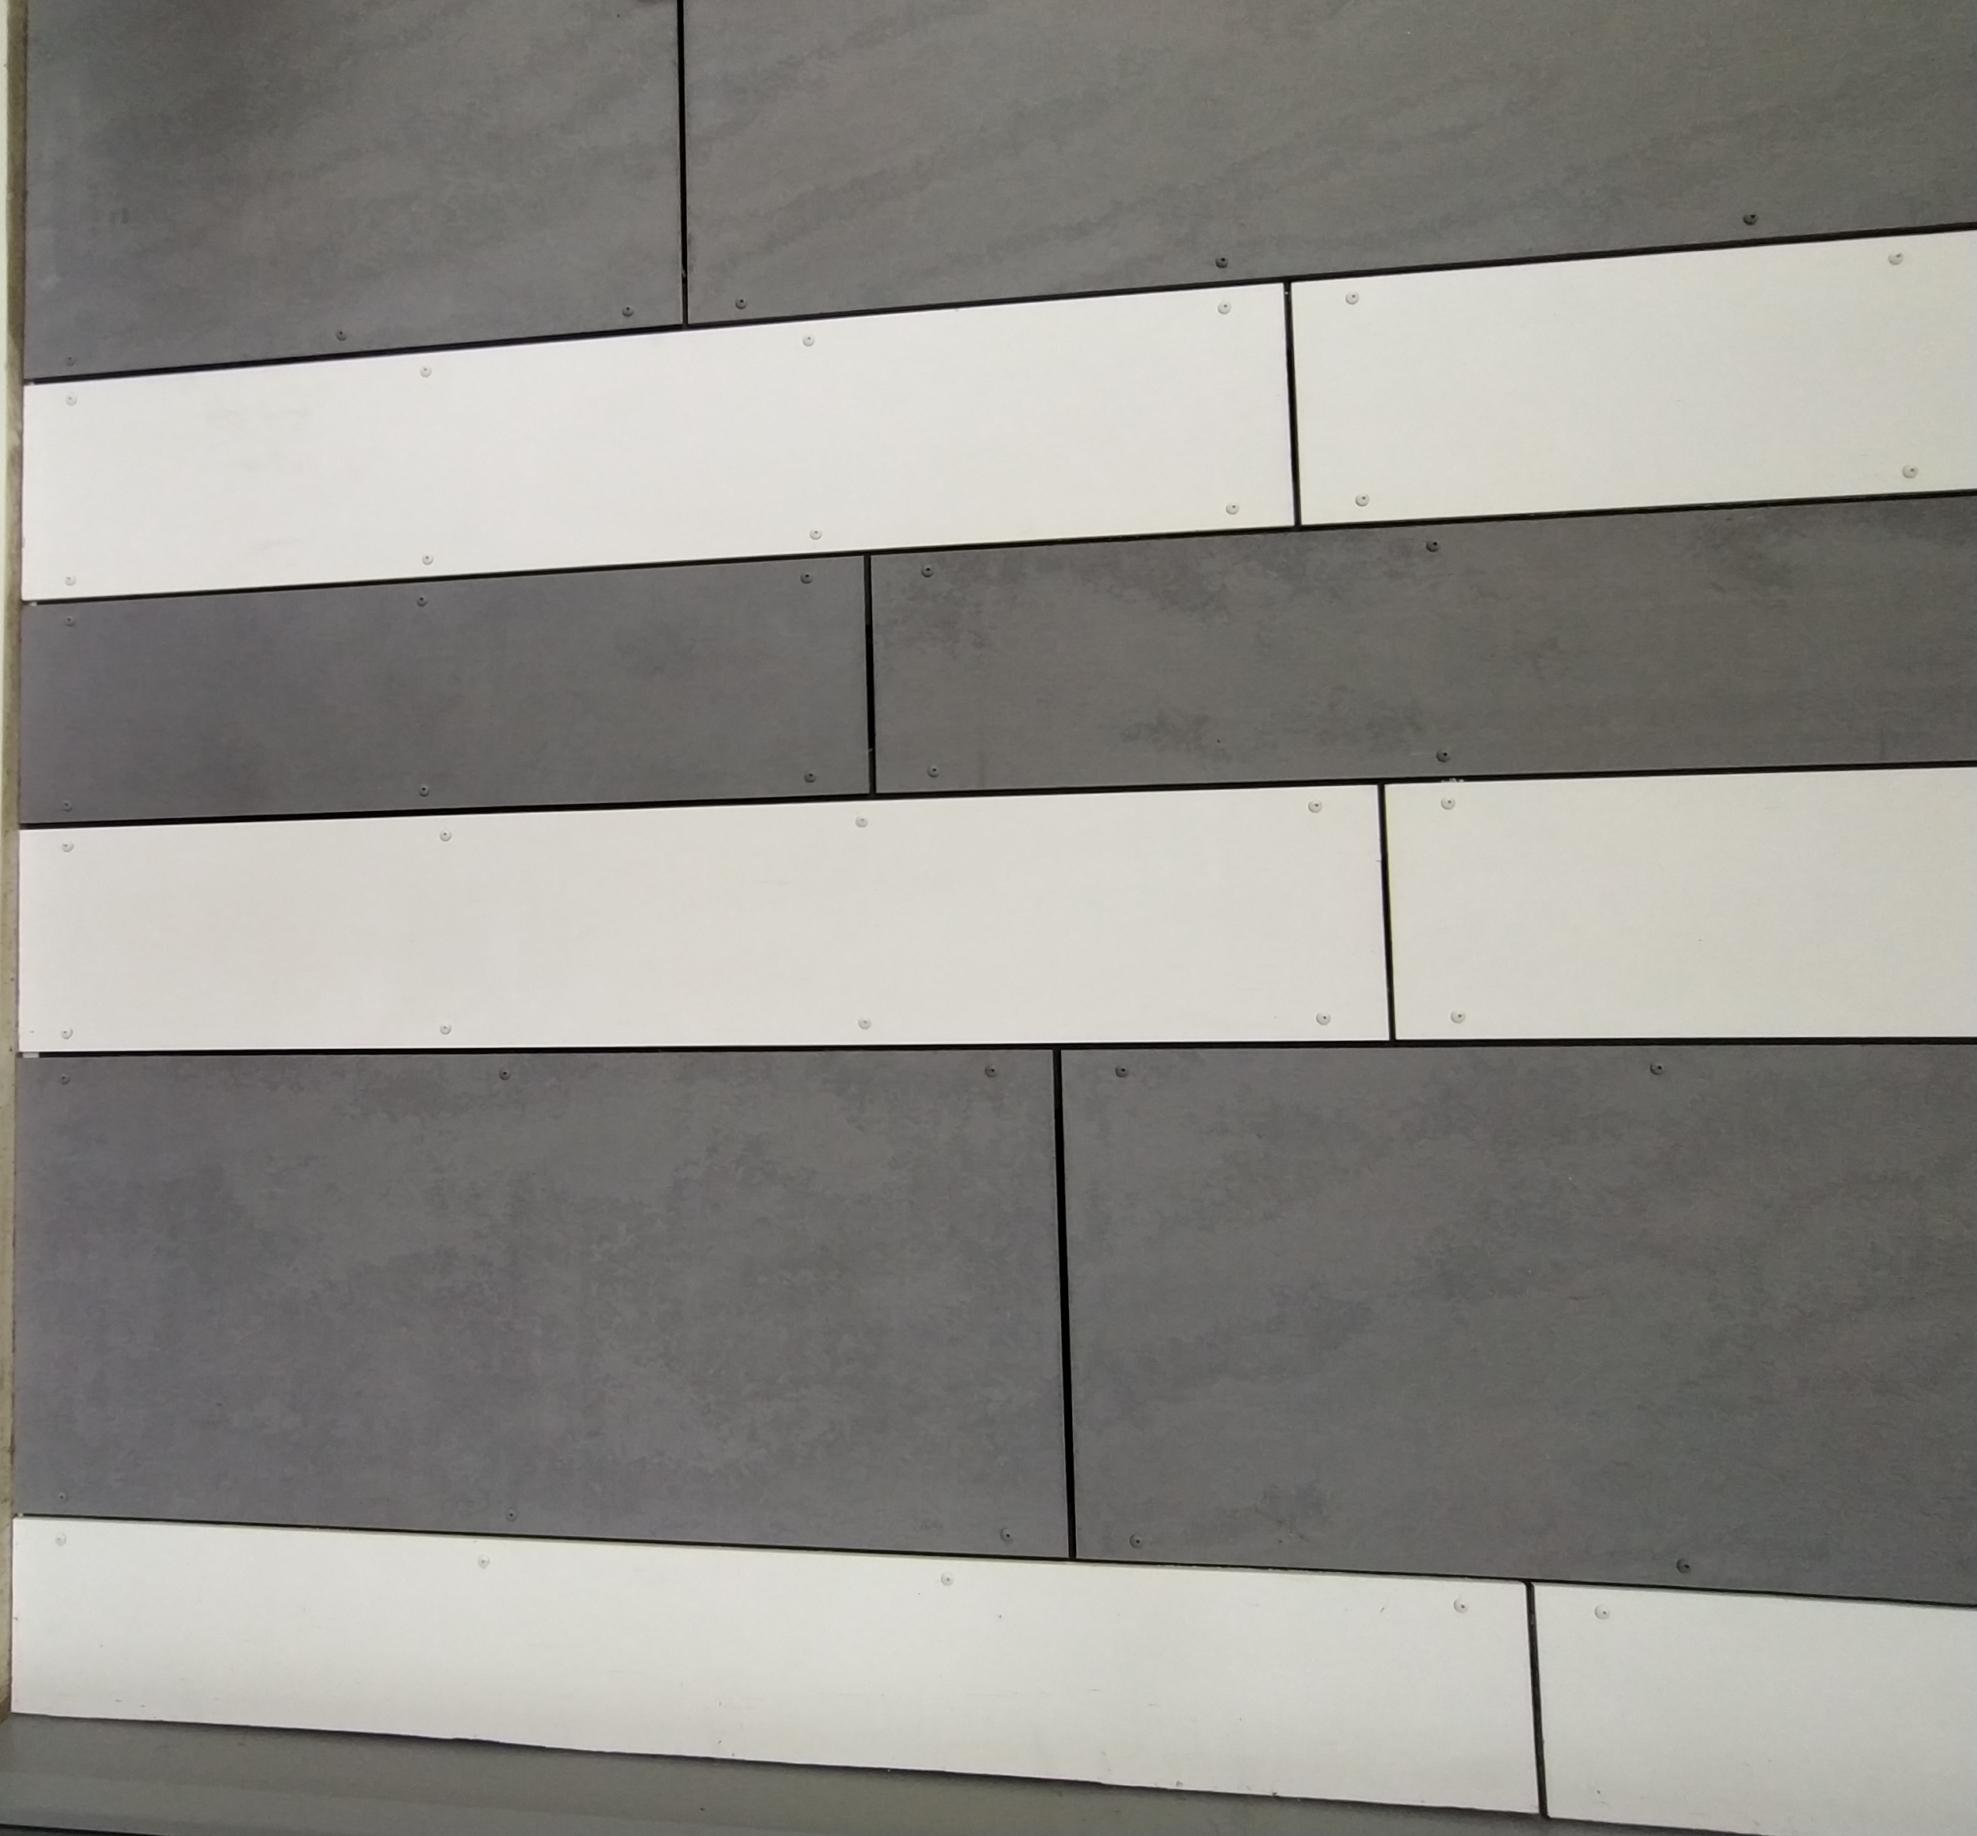 Façade Monsieur Bricolage Bain de Bretagne en panneaux fibrociment Tectiva gris et blancs